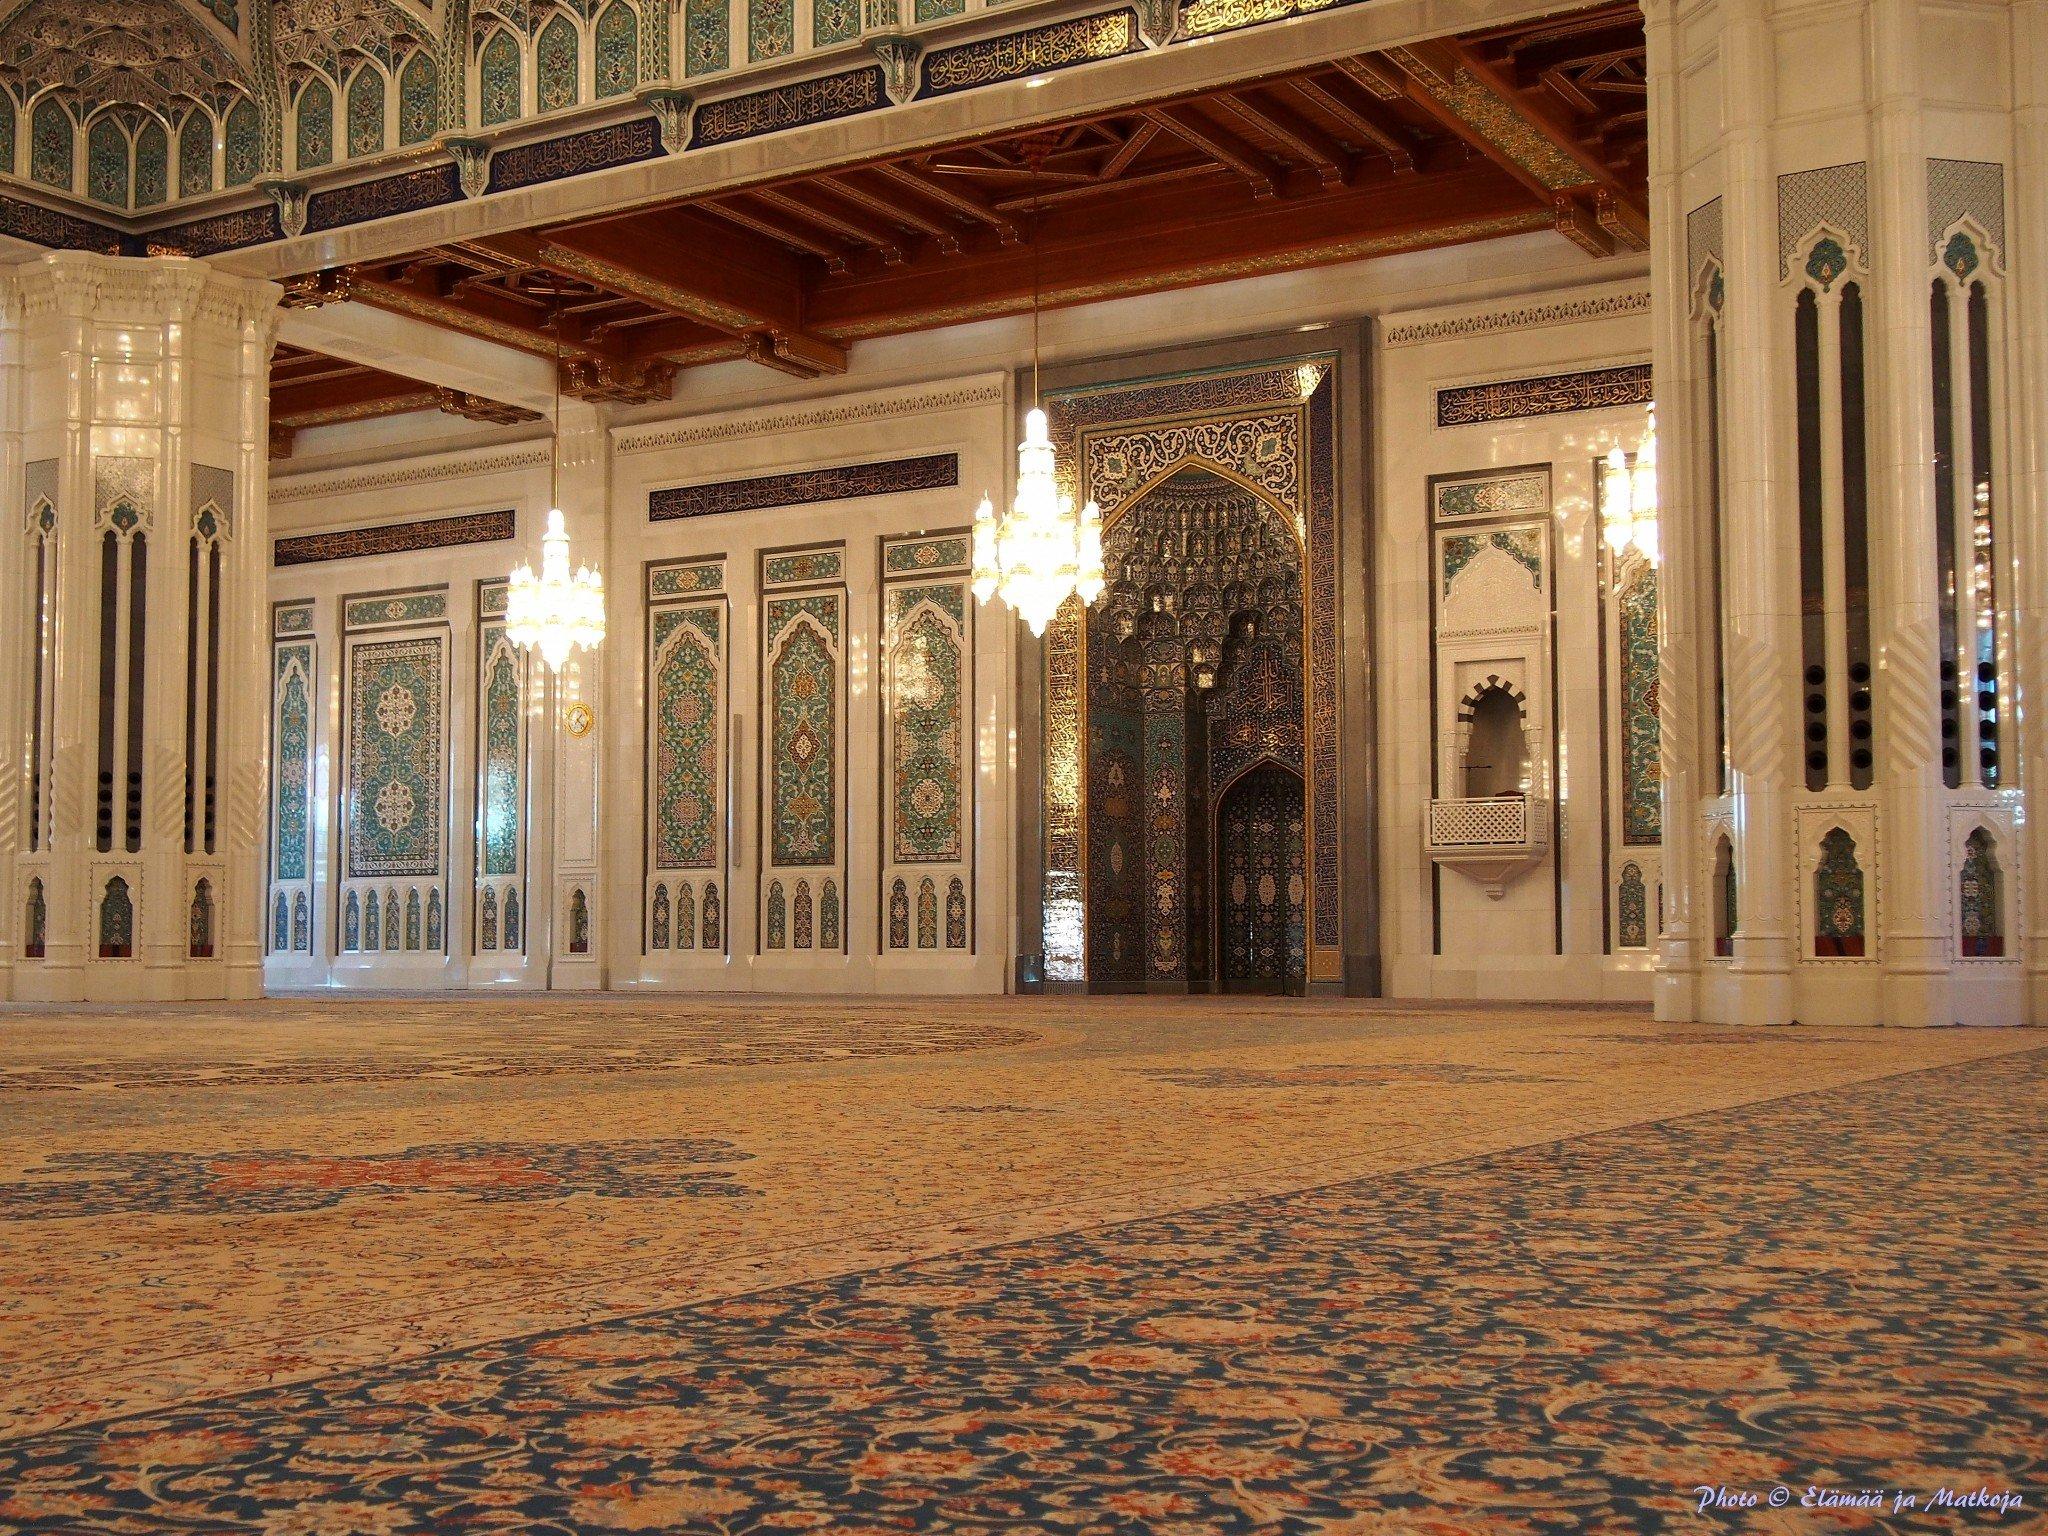 Sultan Qaboos mosque interior Photo © Elämää ja Matkoja